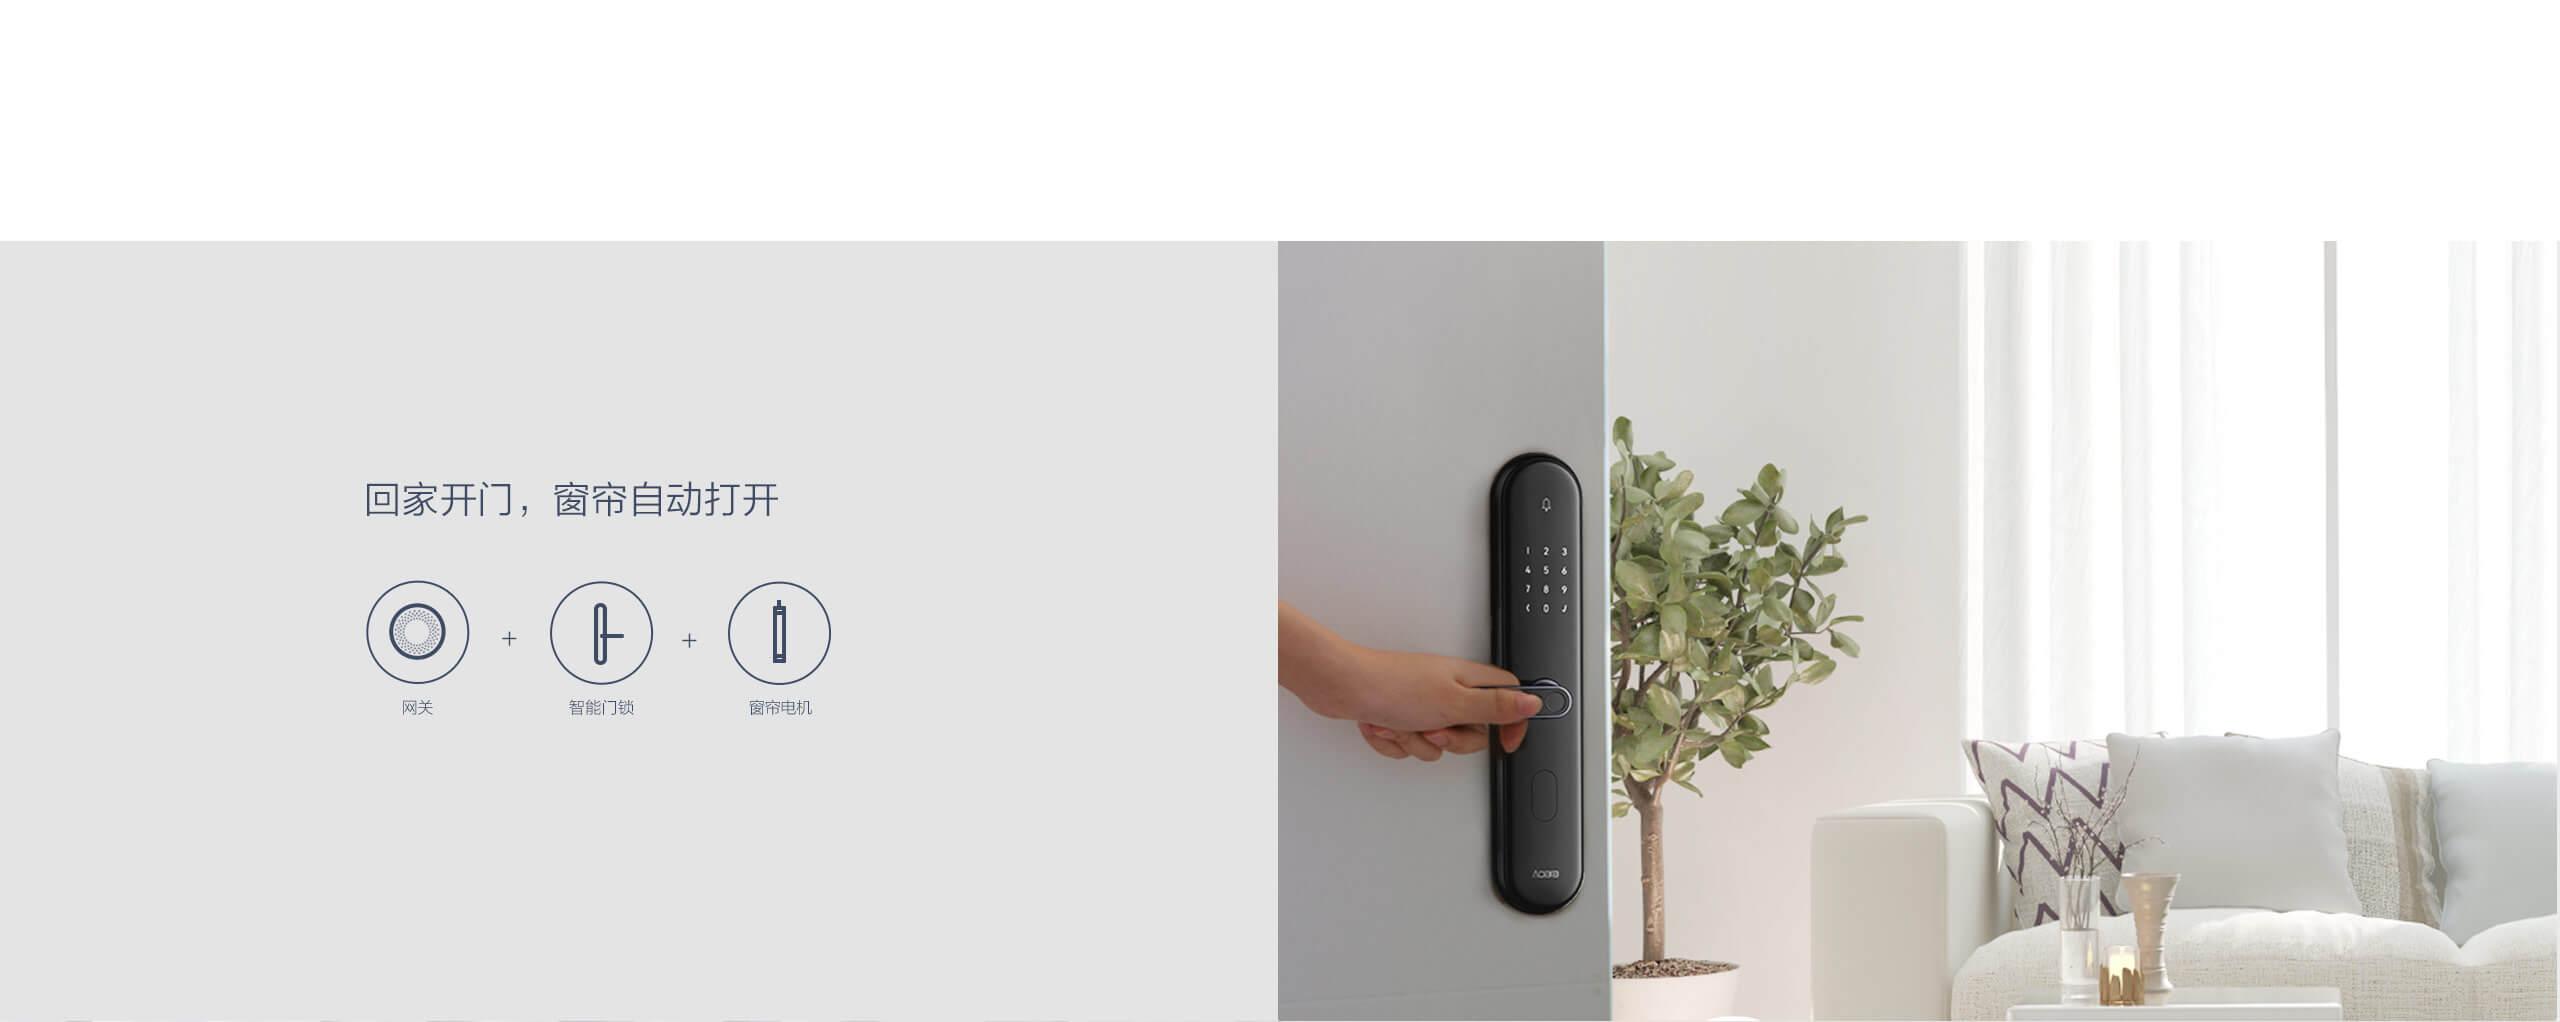 Aqara智能窗帘电机B1 - 搭配不同设备